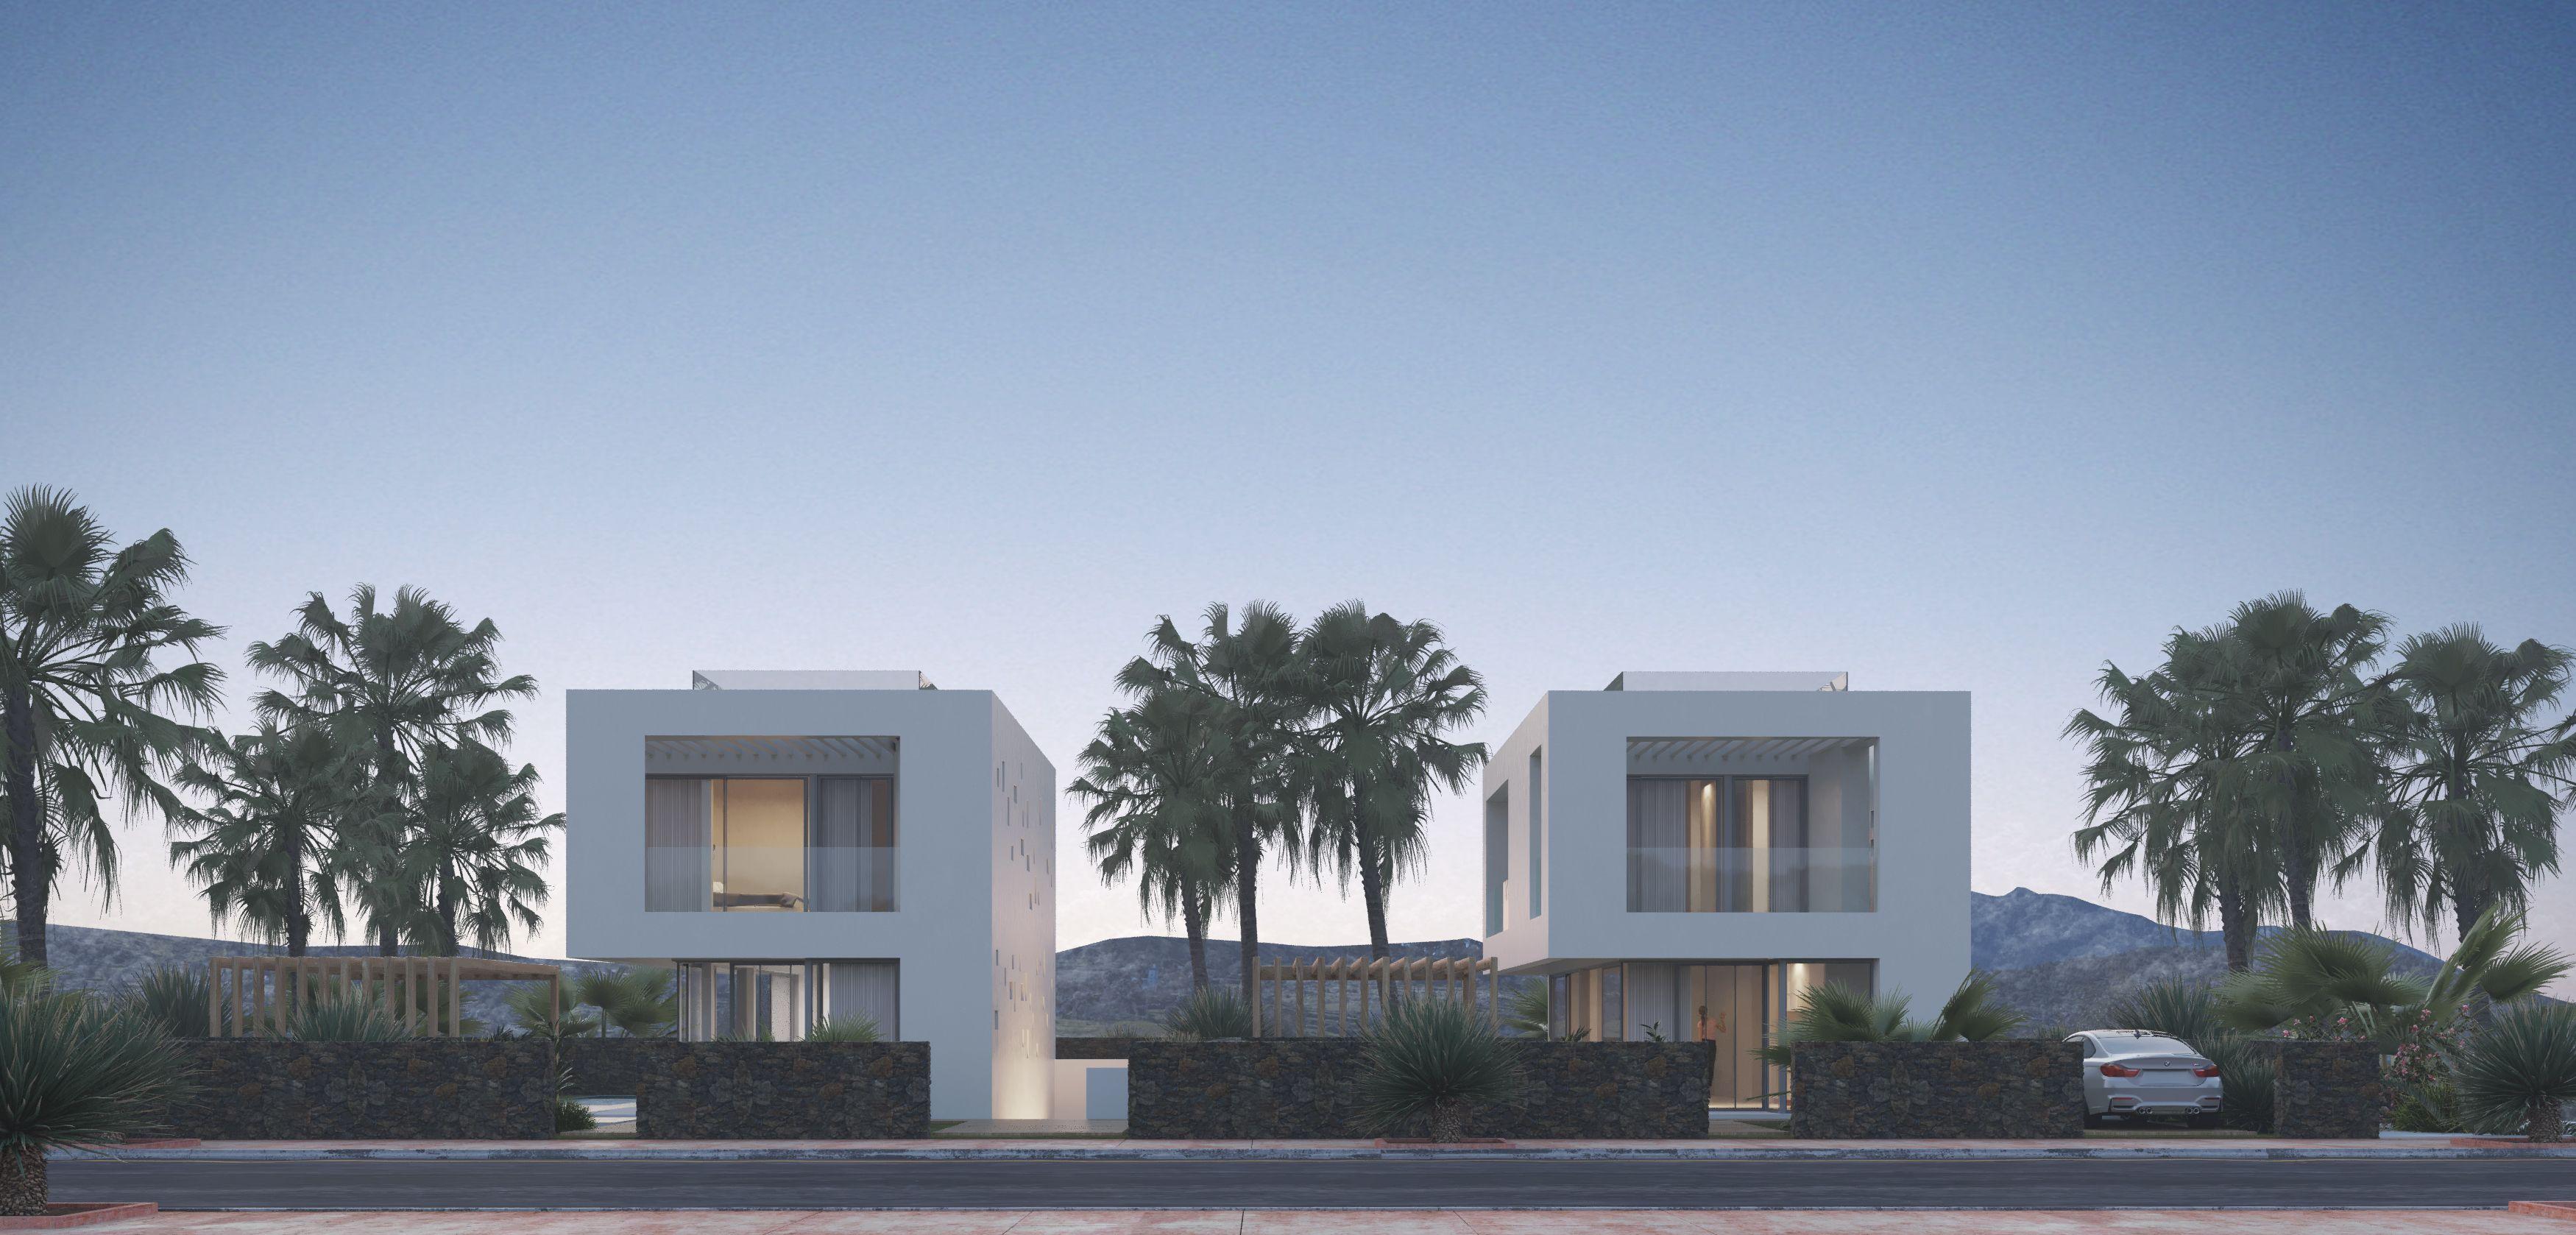 Nuevo proyecto_ 2 viviendas unifamiliares aisladas_ 102